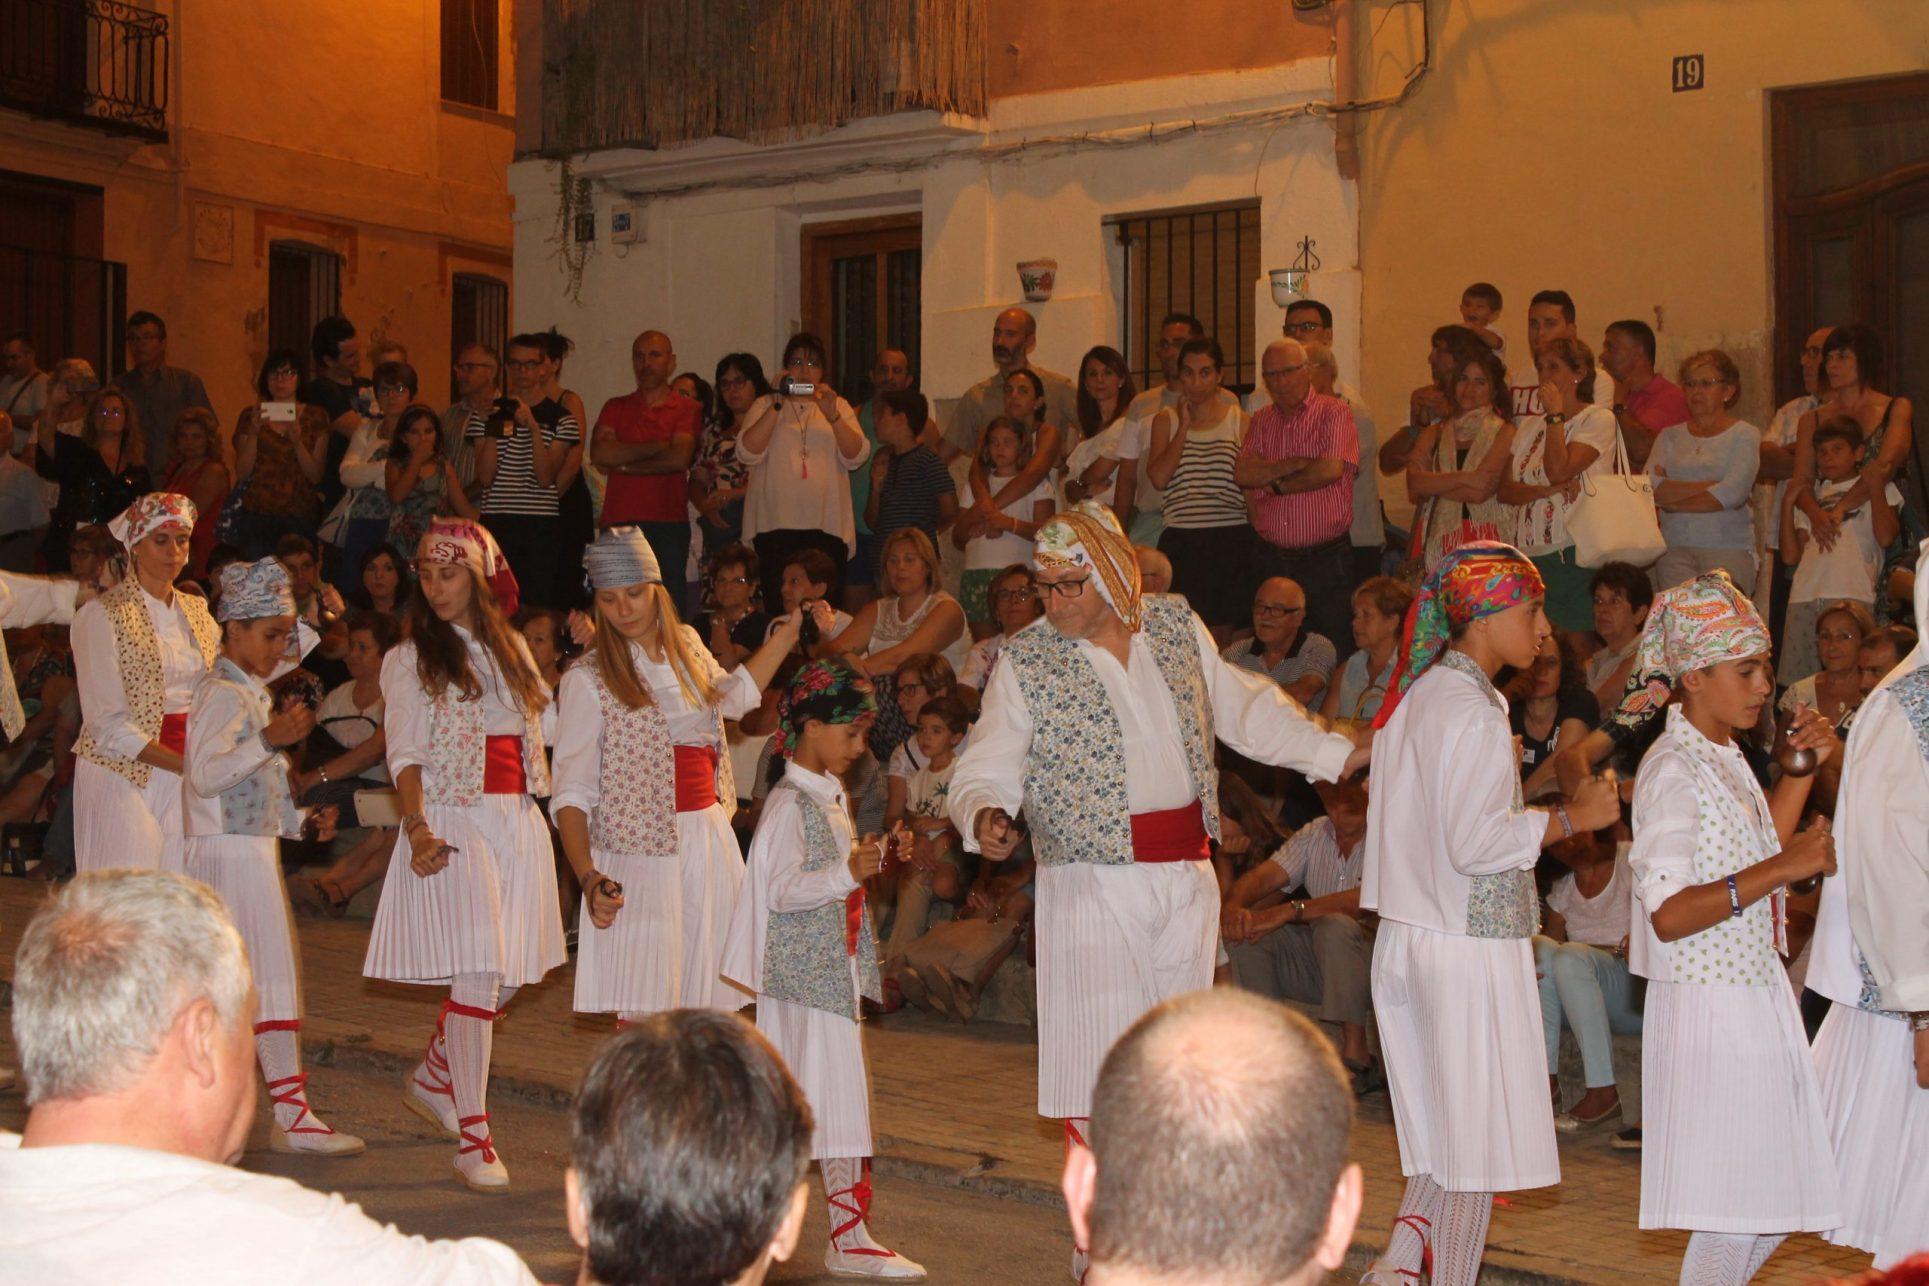 El Ball dels Llauradors, una tradició recuperada El Periòdic d'Ontinyent